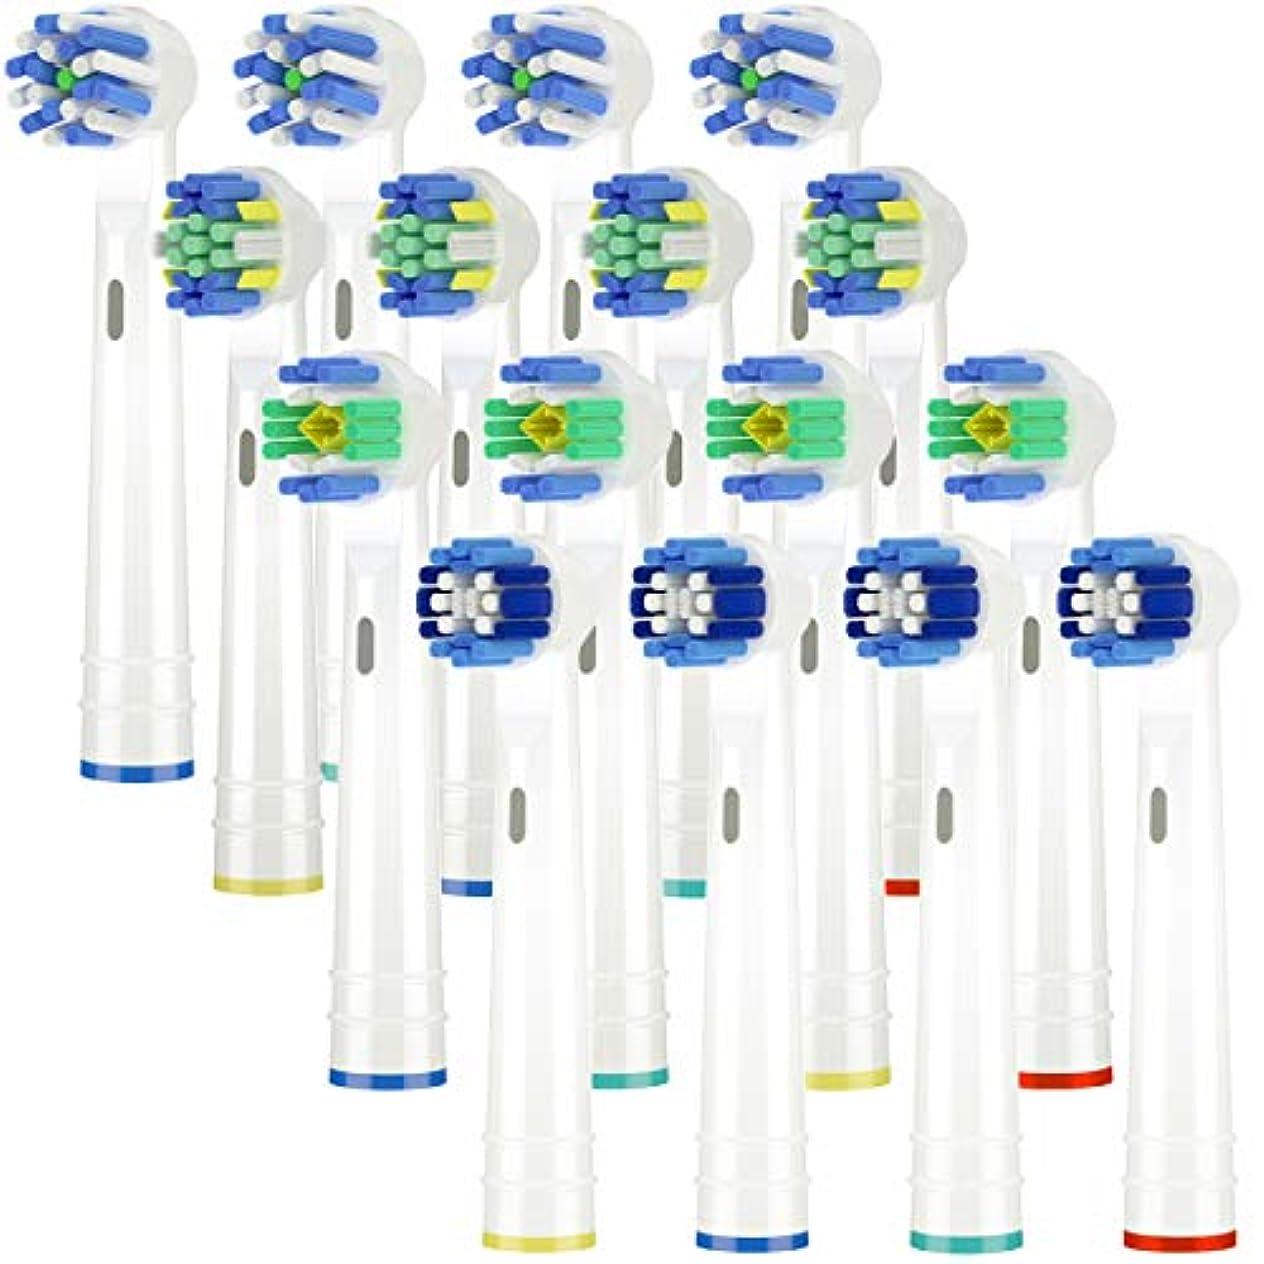 刺します比類のないばかItechnik 電動歯ブラシ 替えブラシ ブラウン オーラルB 対応 替えブラシ 4種類が入り:ホワイトニングブラシ 、ベーシックブラシ、歯間ワイパー付きブラシ、マルチアクションブラシ 凡用な16本